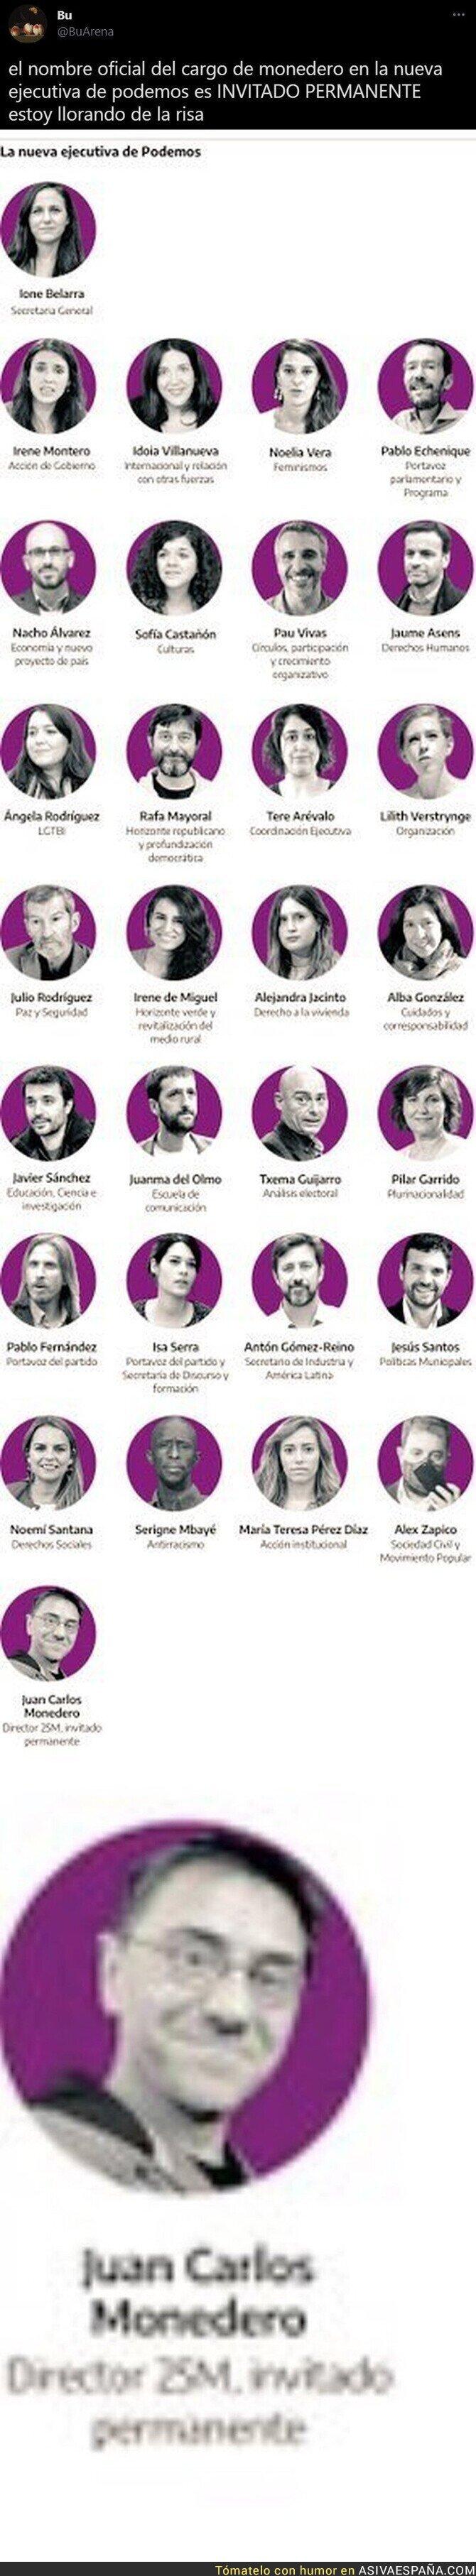 805601 - Atención al nombre del cargo que tiene Juan Carlos Monedero en Podemos